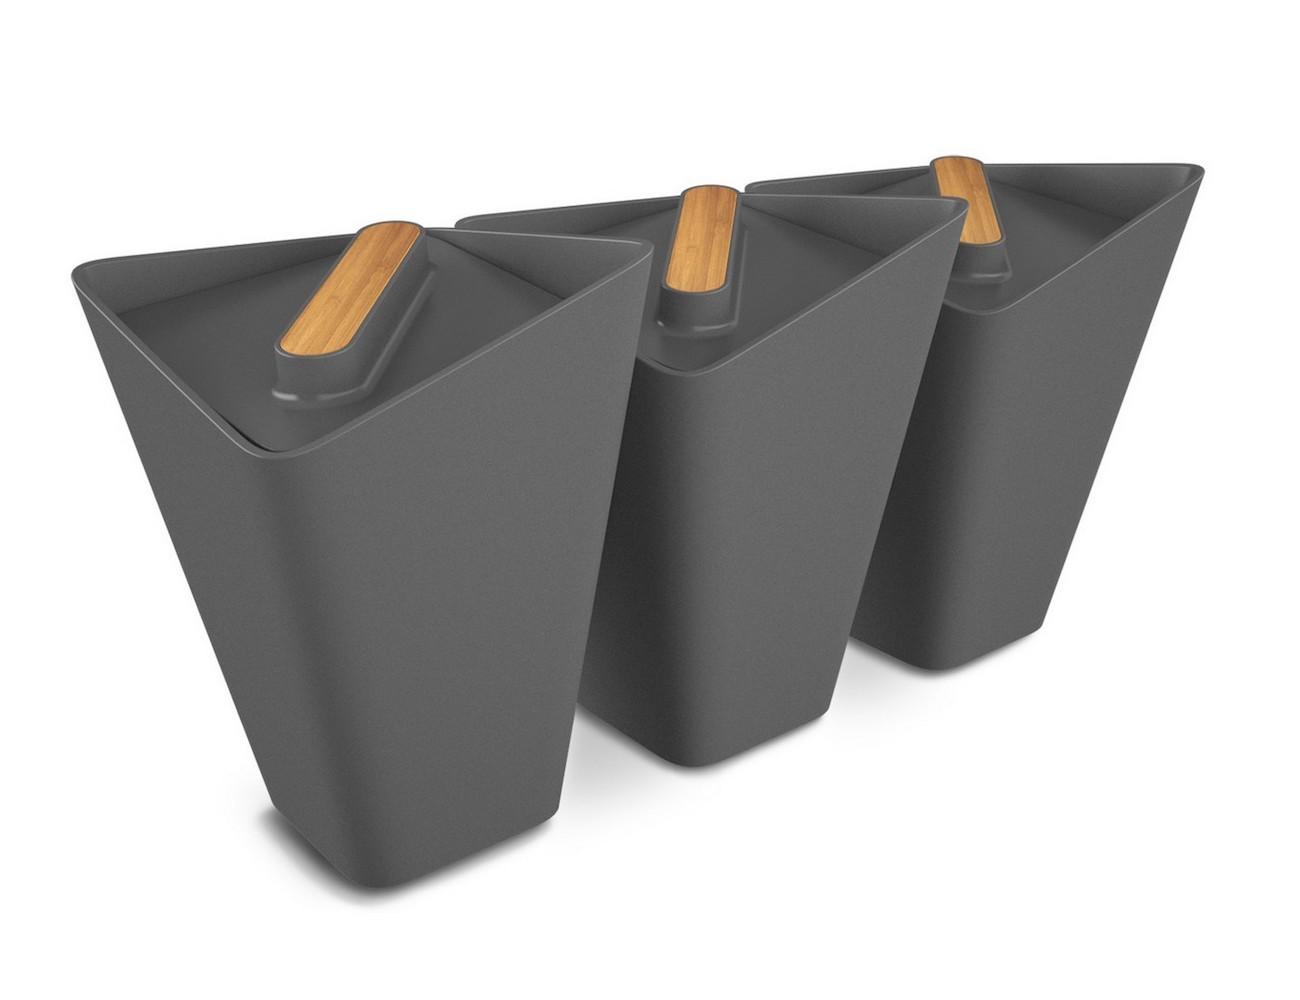 Uncategorized Designer Kitchen Storage Jars forminimal storage jar set gadget flow set